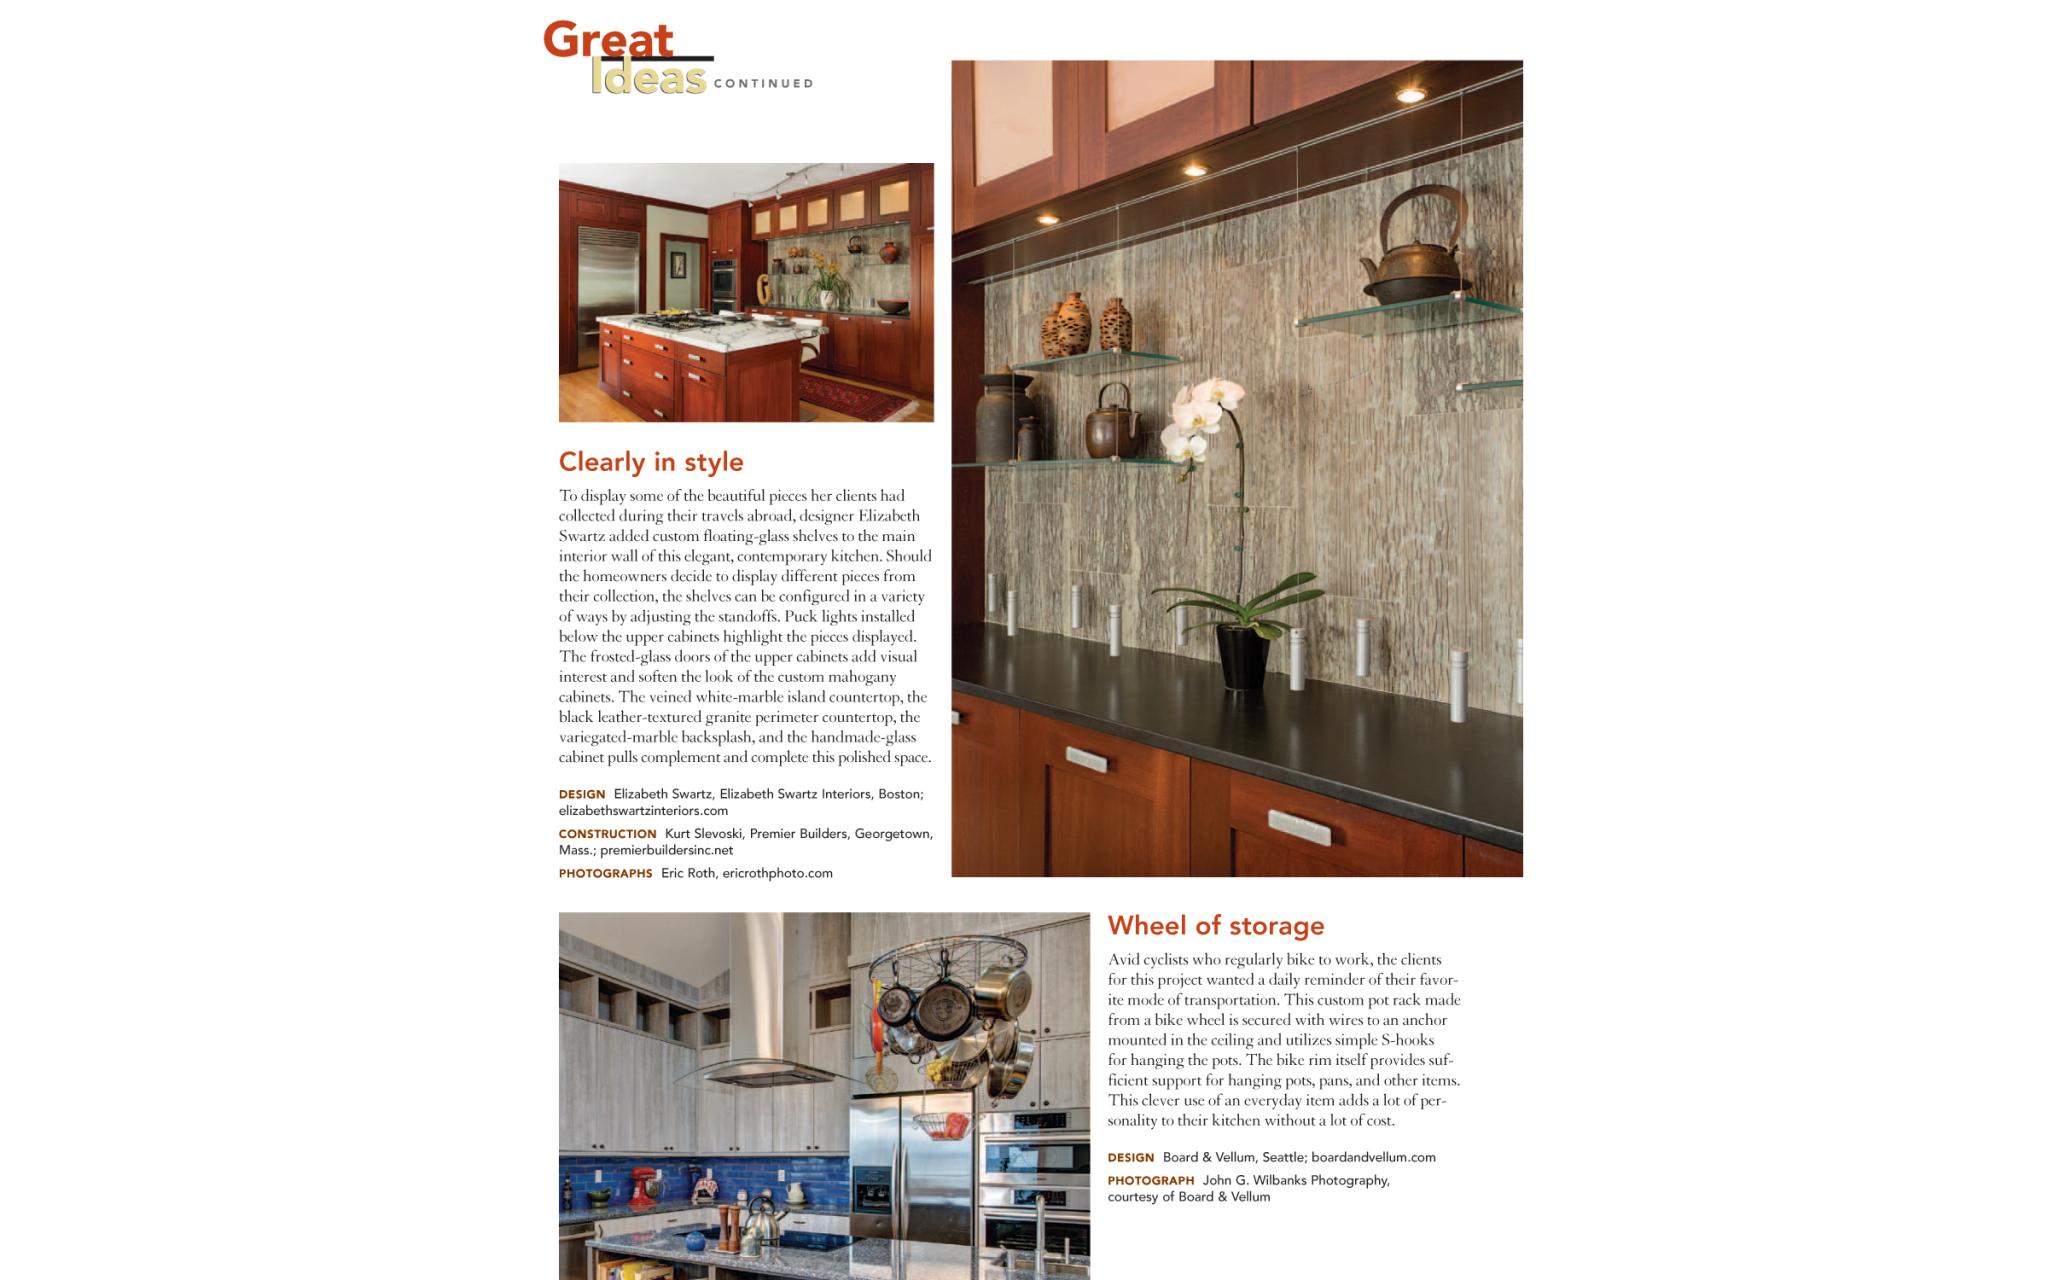 Fine Homebuilding Kitchens & Baths article featuring a kitchen design by Boston Interior Designer Elizabeth Swartz Interiors.